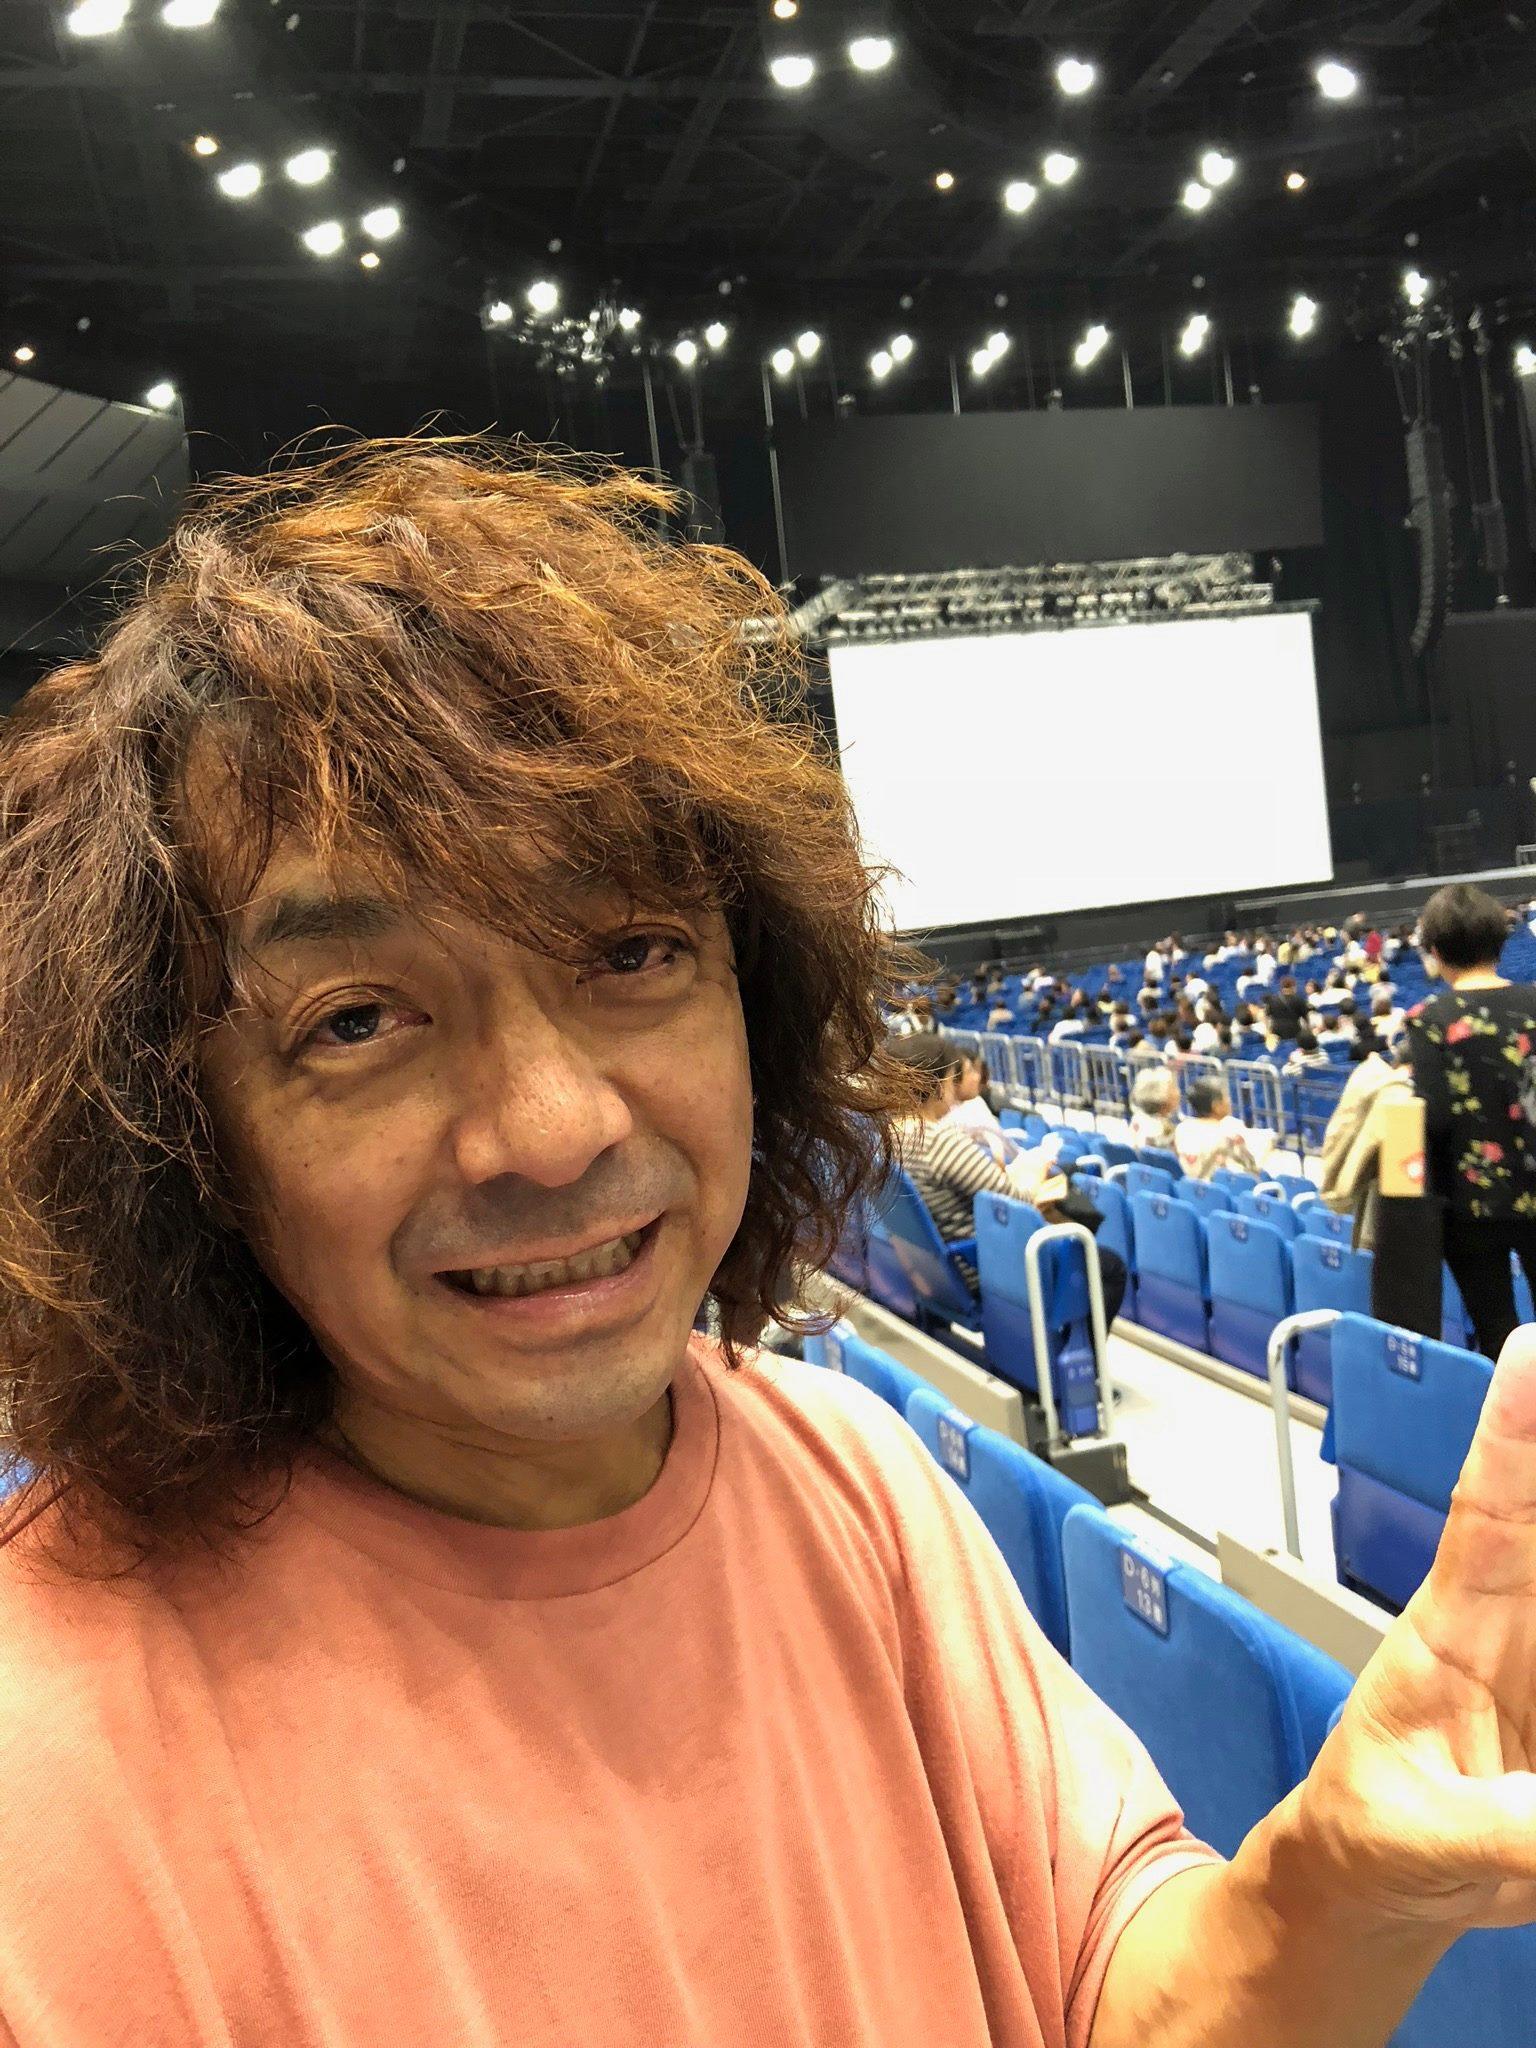 '18.10.6横浜アリーナ沢田研二70YEARS LIVE OLD GUYS ROC